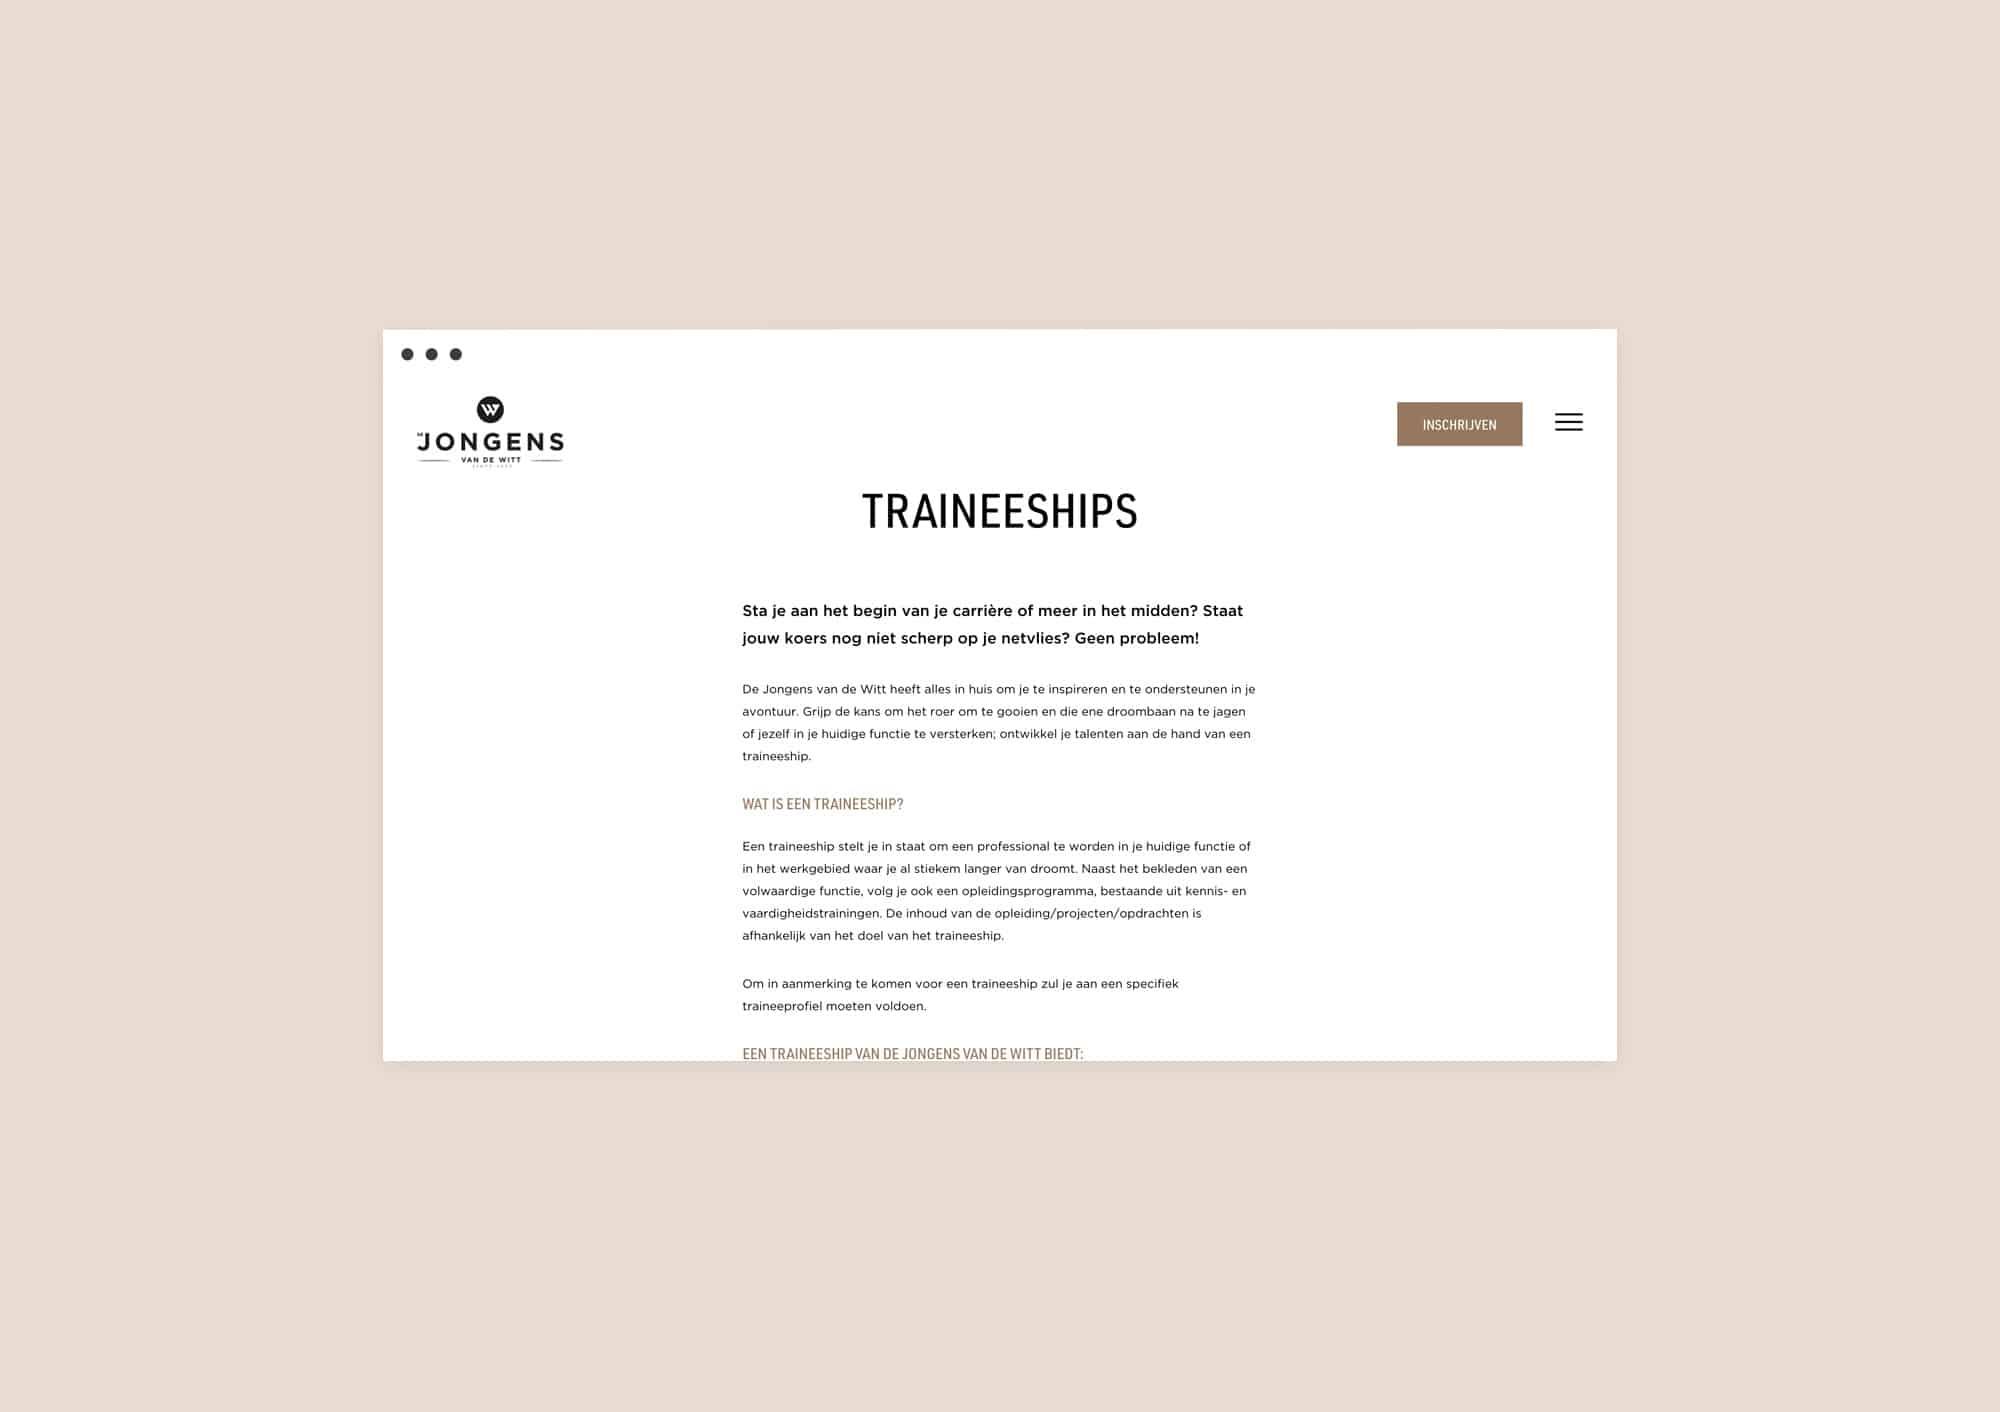 Design website for Jongens van de Witt